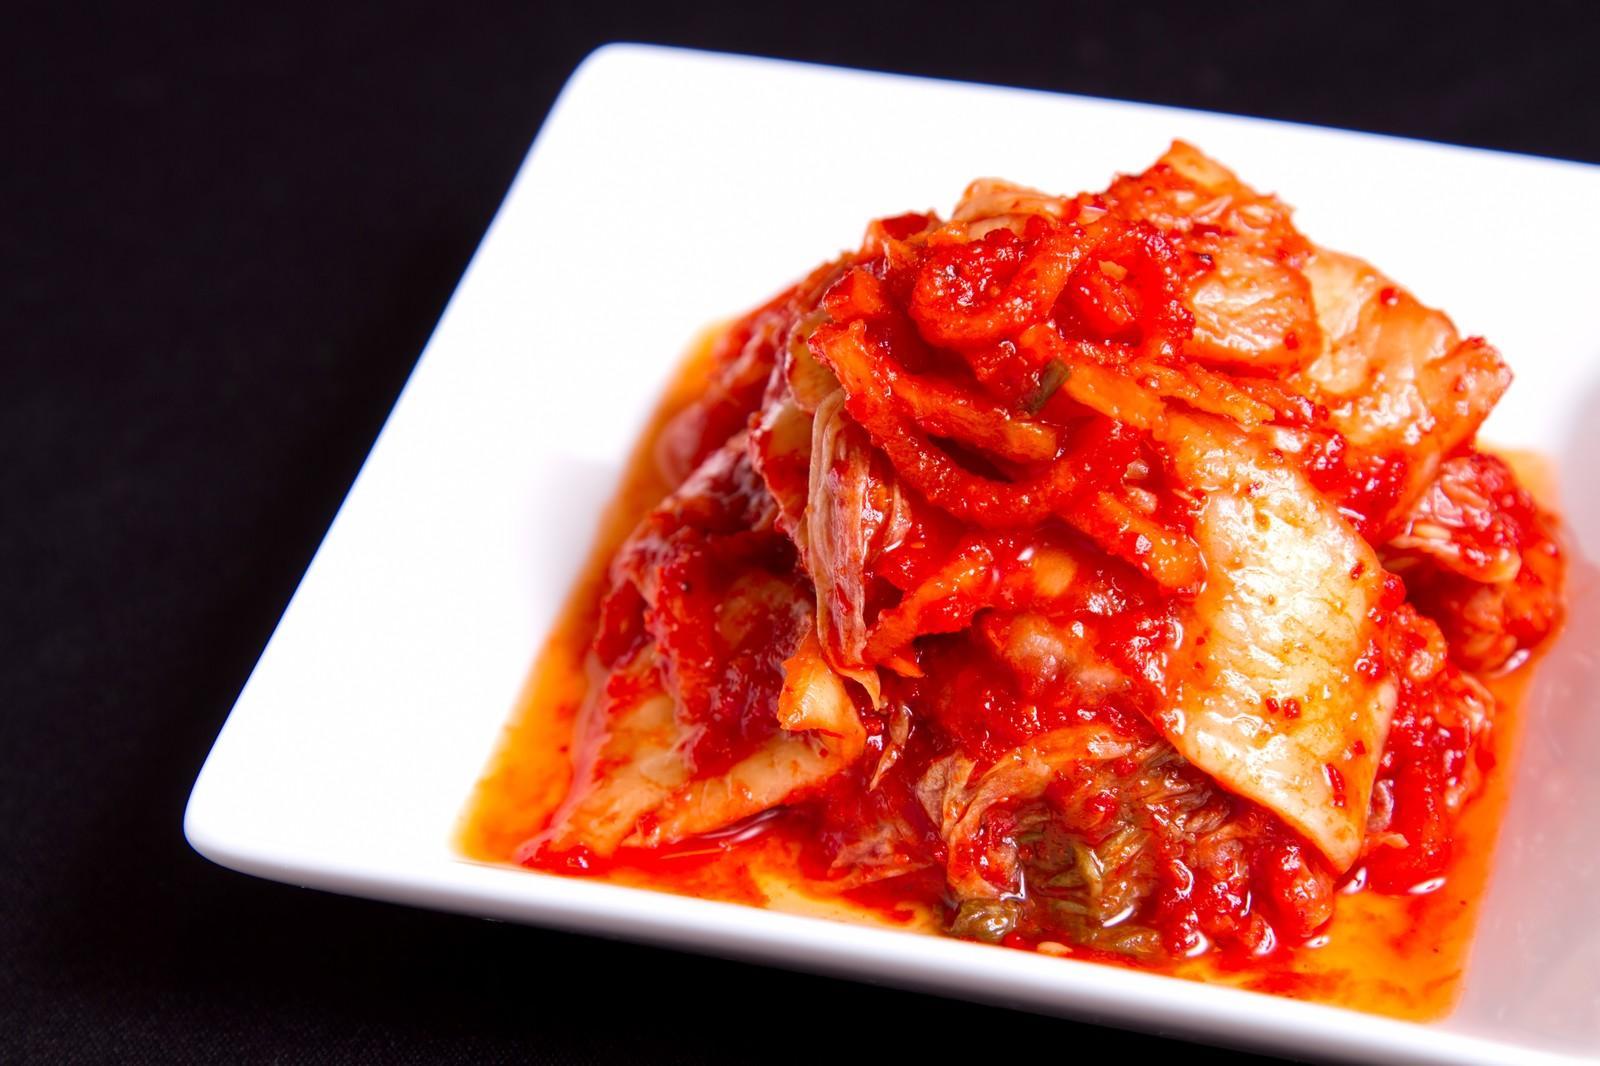 「お皿にのったキムチお皿にのったキムチ」のフリー写真素材を拡大